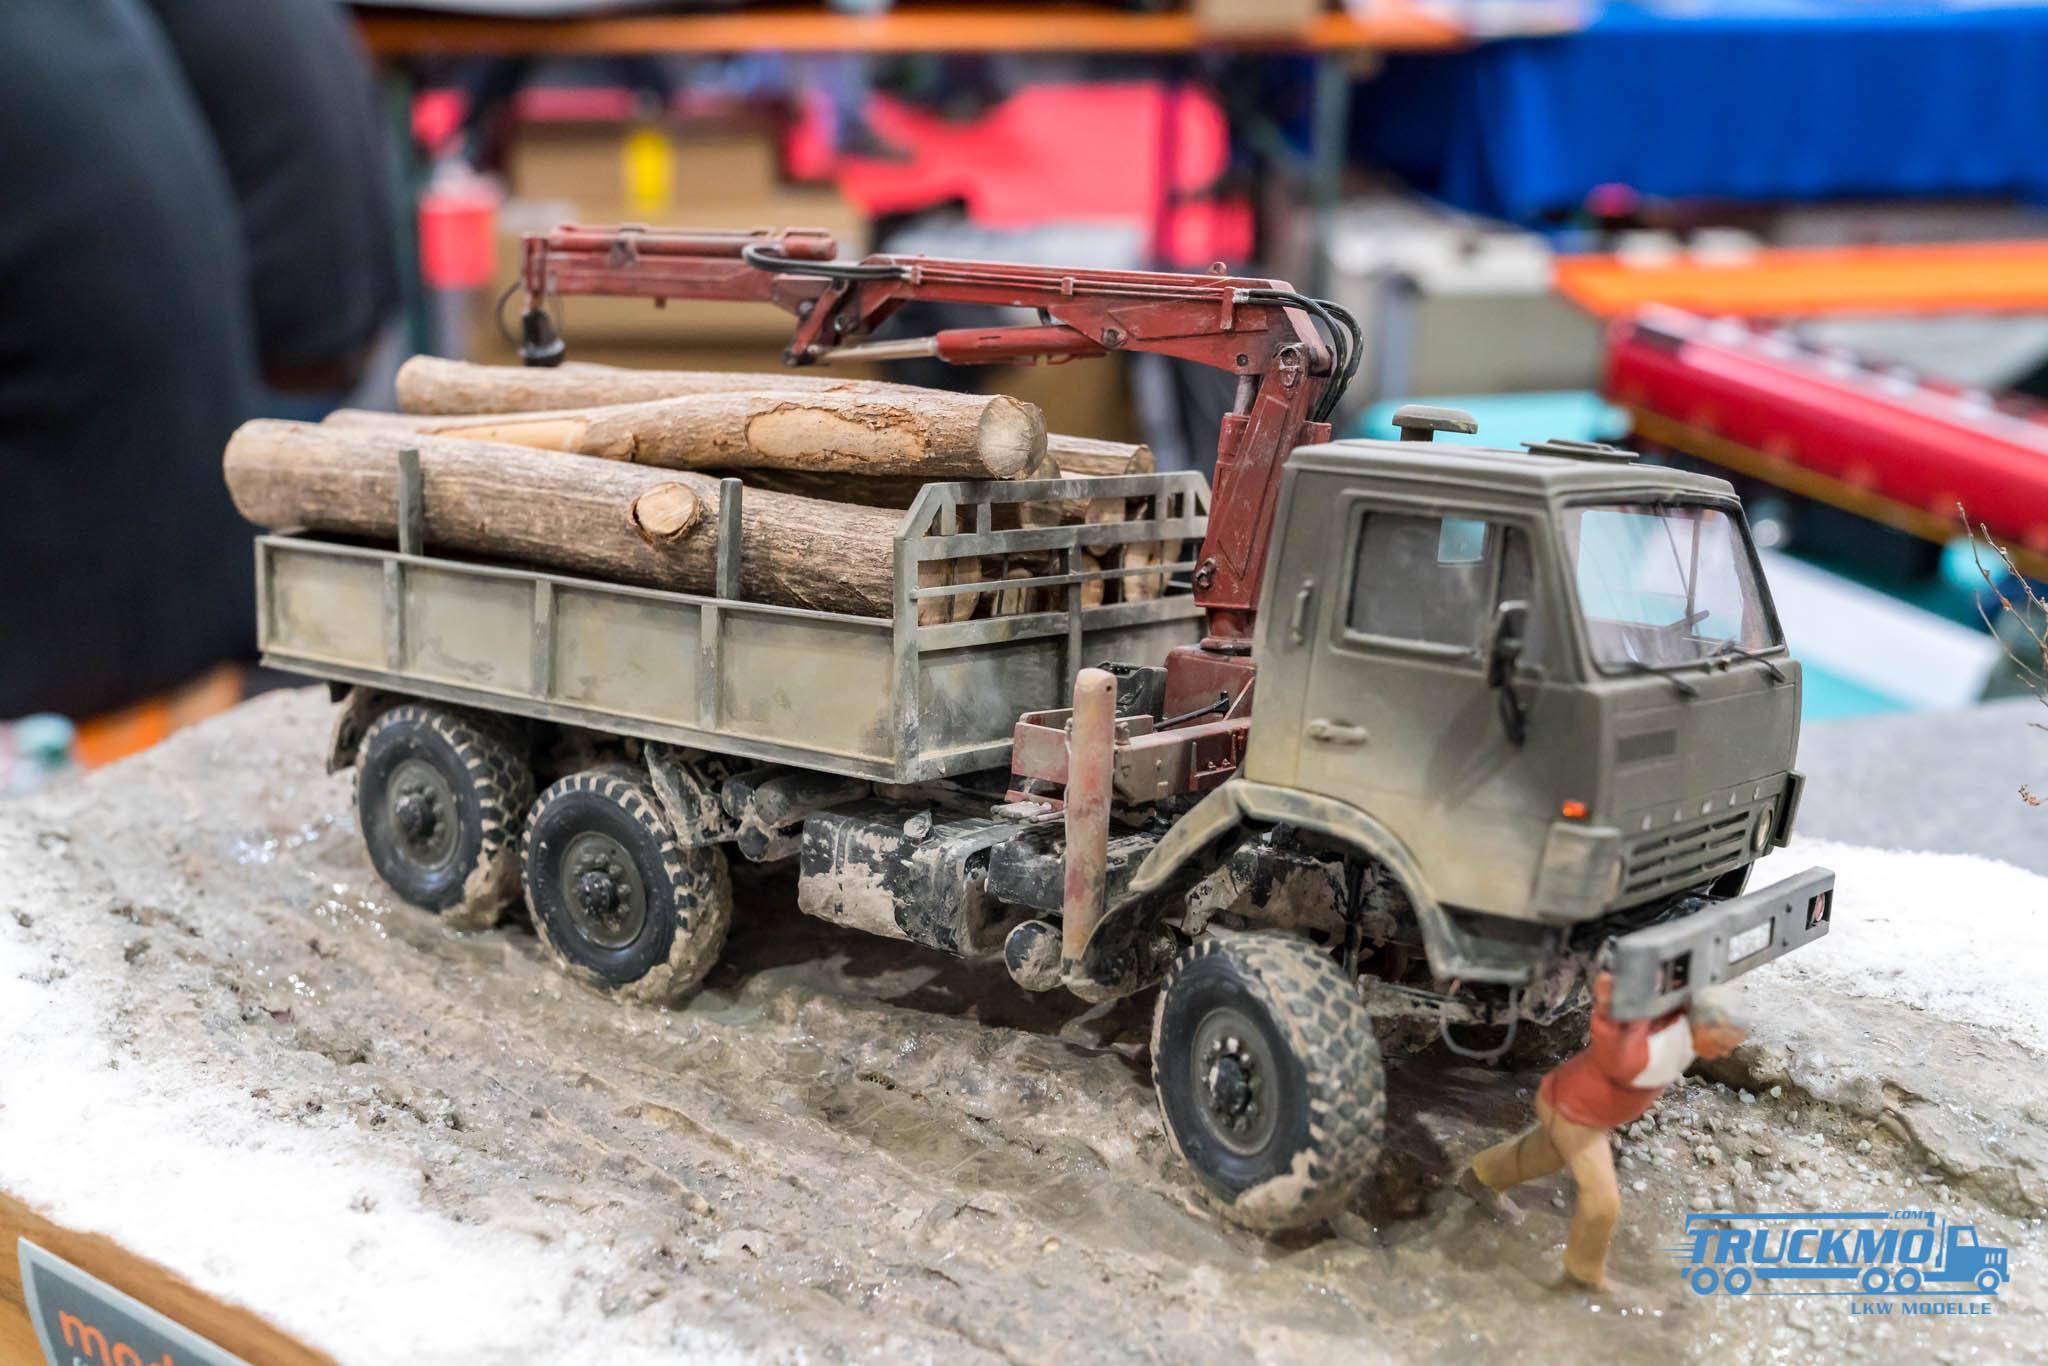 Truckmo_Modellbau_Ried_2017_Herpa_Messe_Modellbauausstellung (314 von 1177)